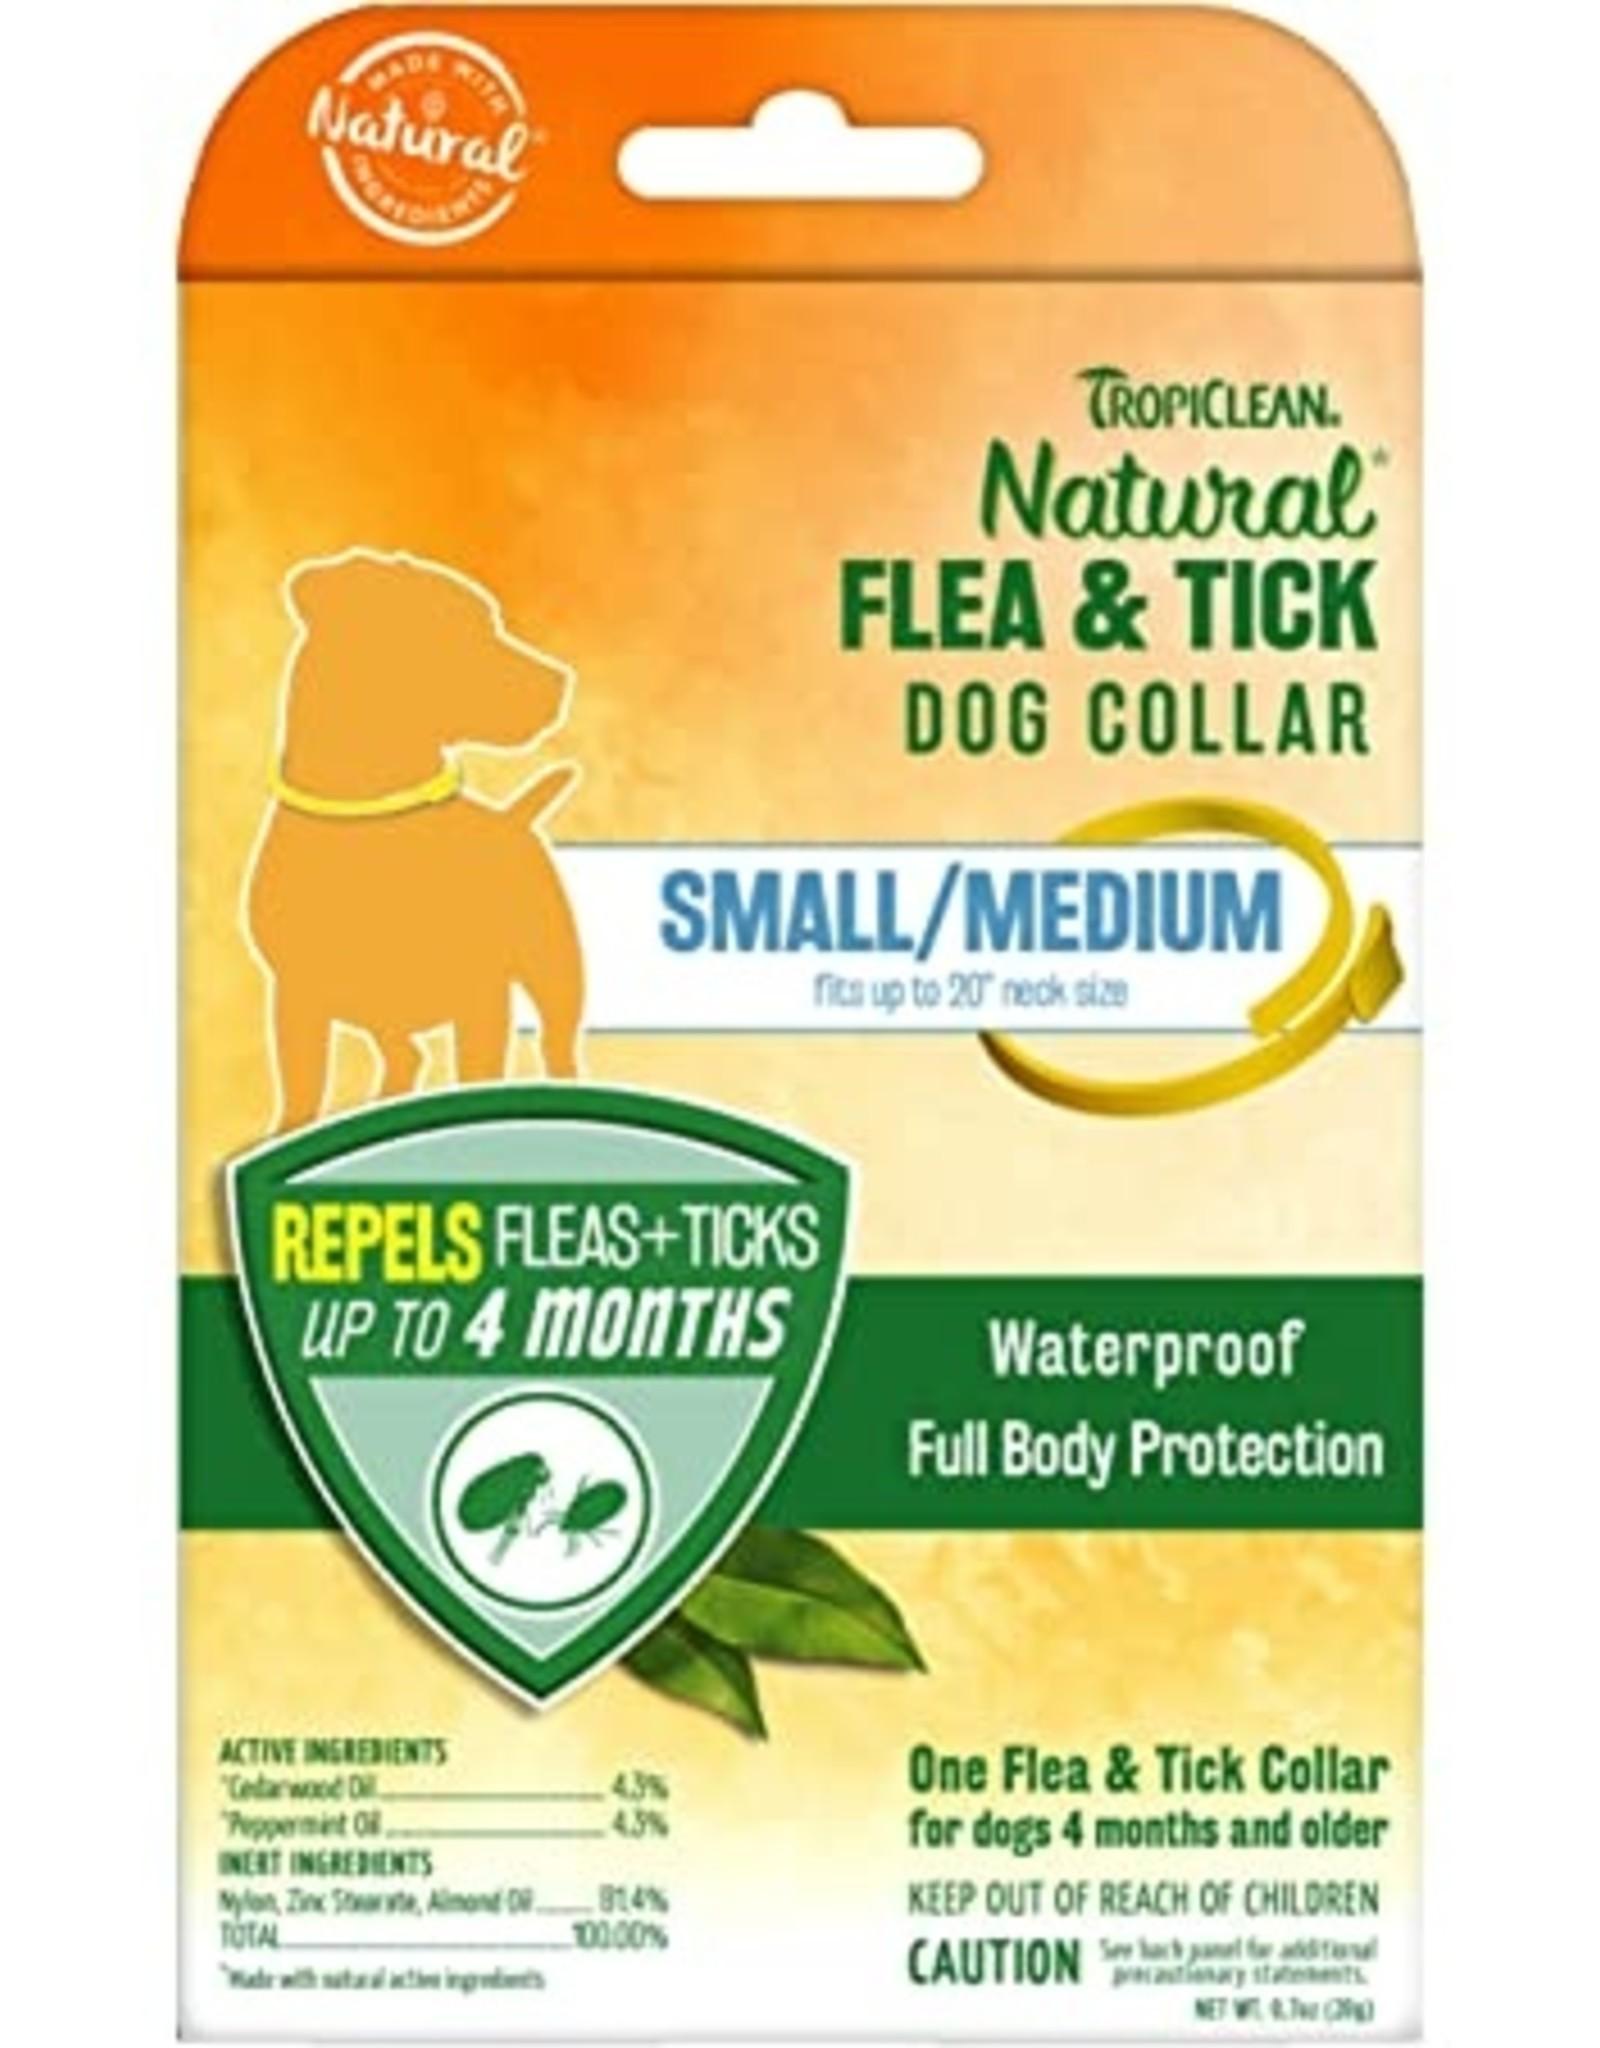 TropiClean Natural Flea & Tick Repellent Dog Collar - Small & Medium